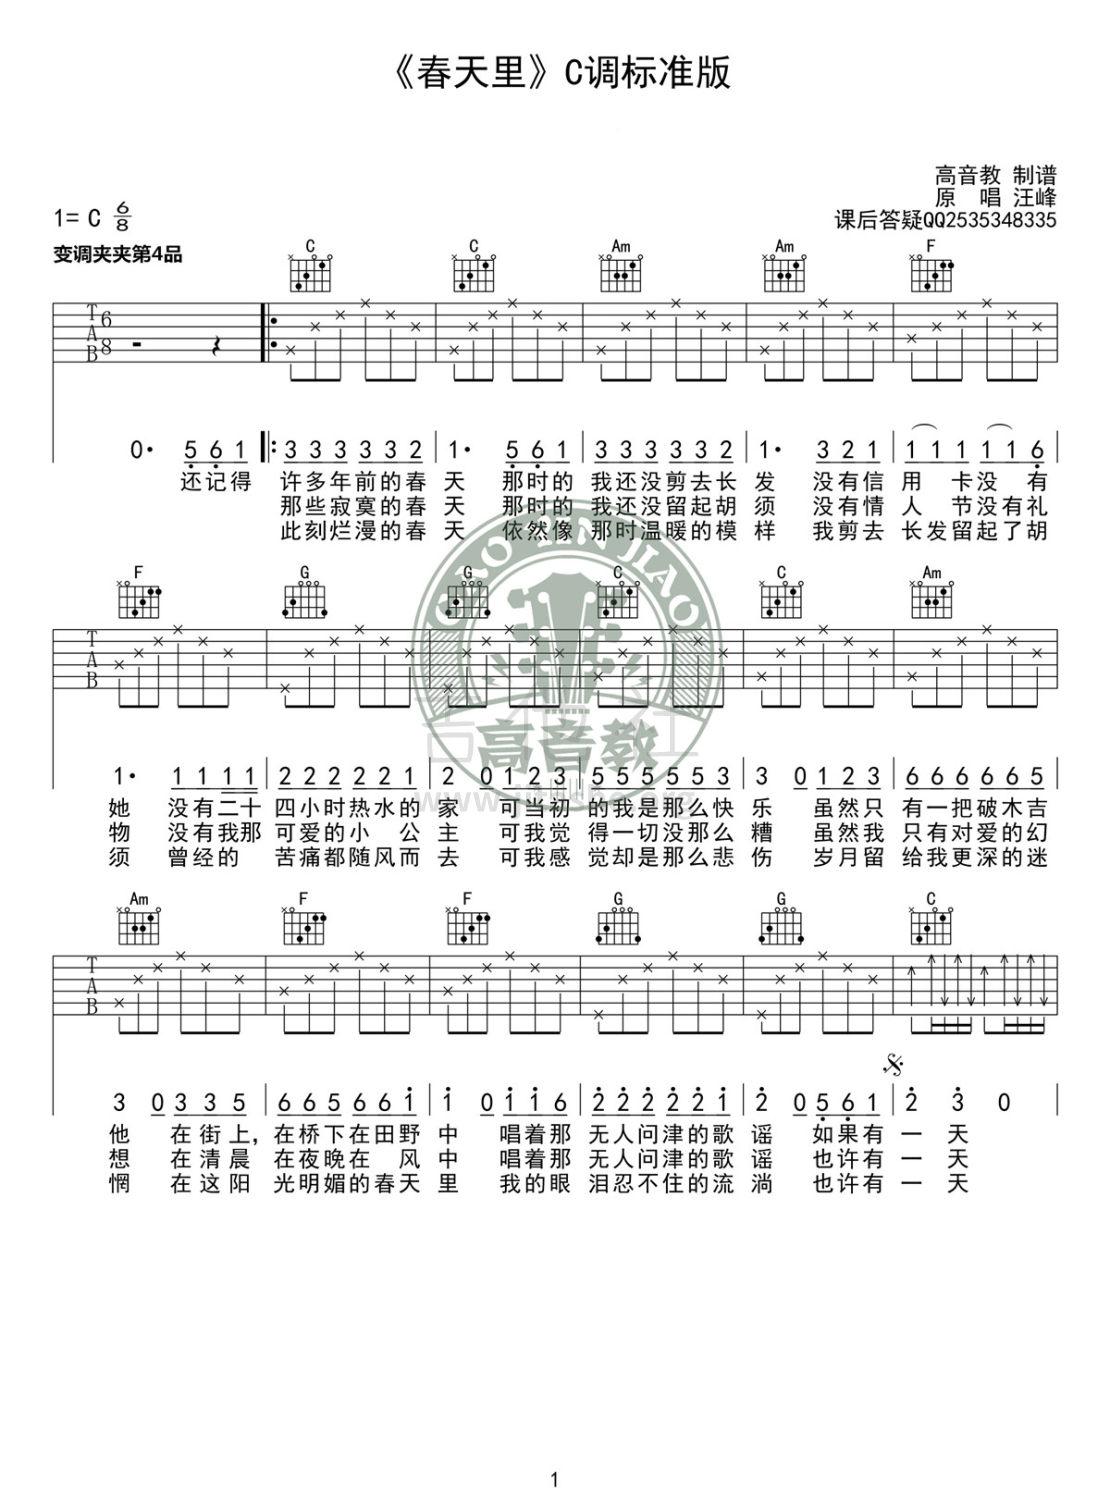 春天里(高音教编配)吉他谱(图片谱,弹唱,C调)_汪峰_《春天里》C调标准版01.jpg